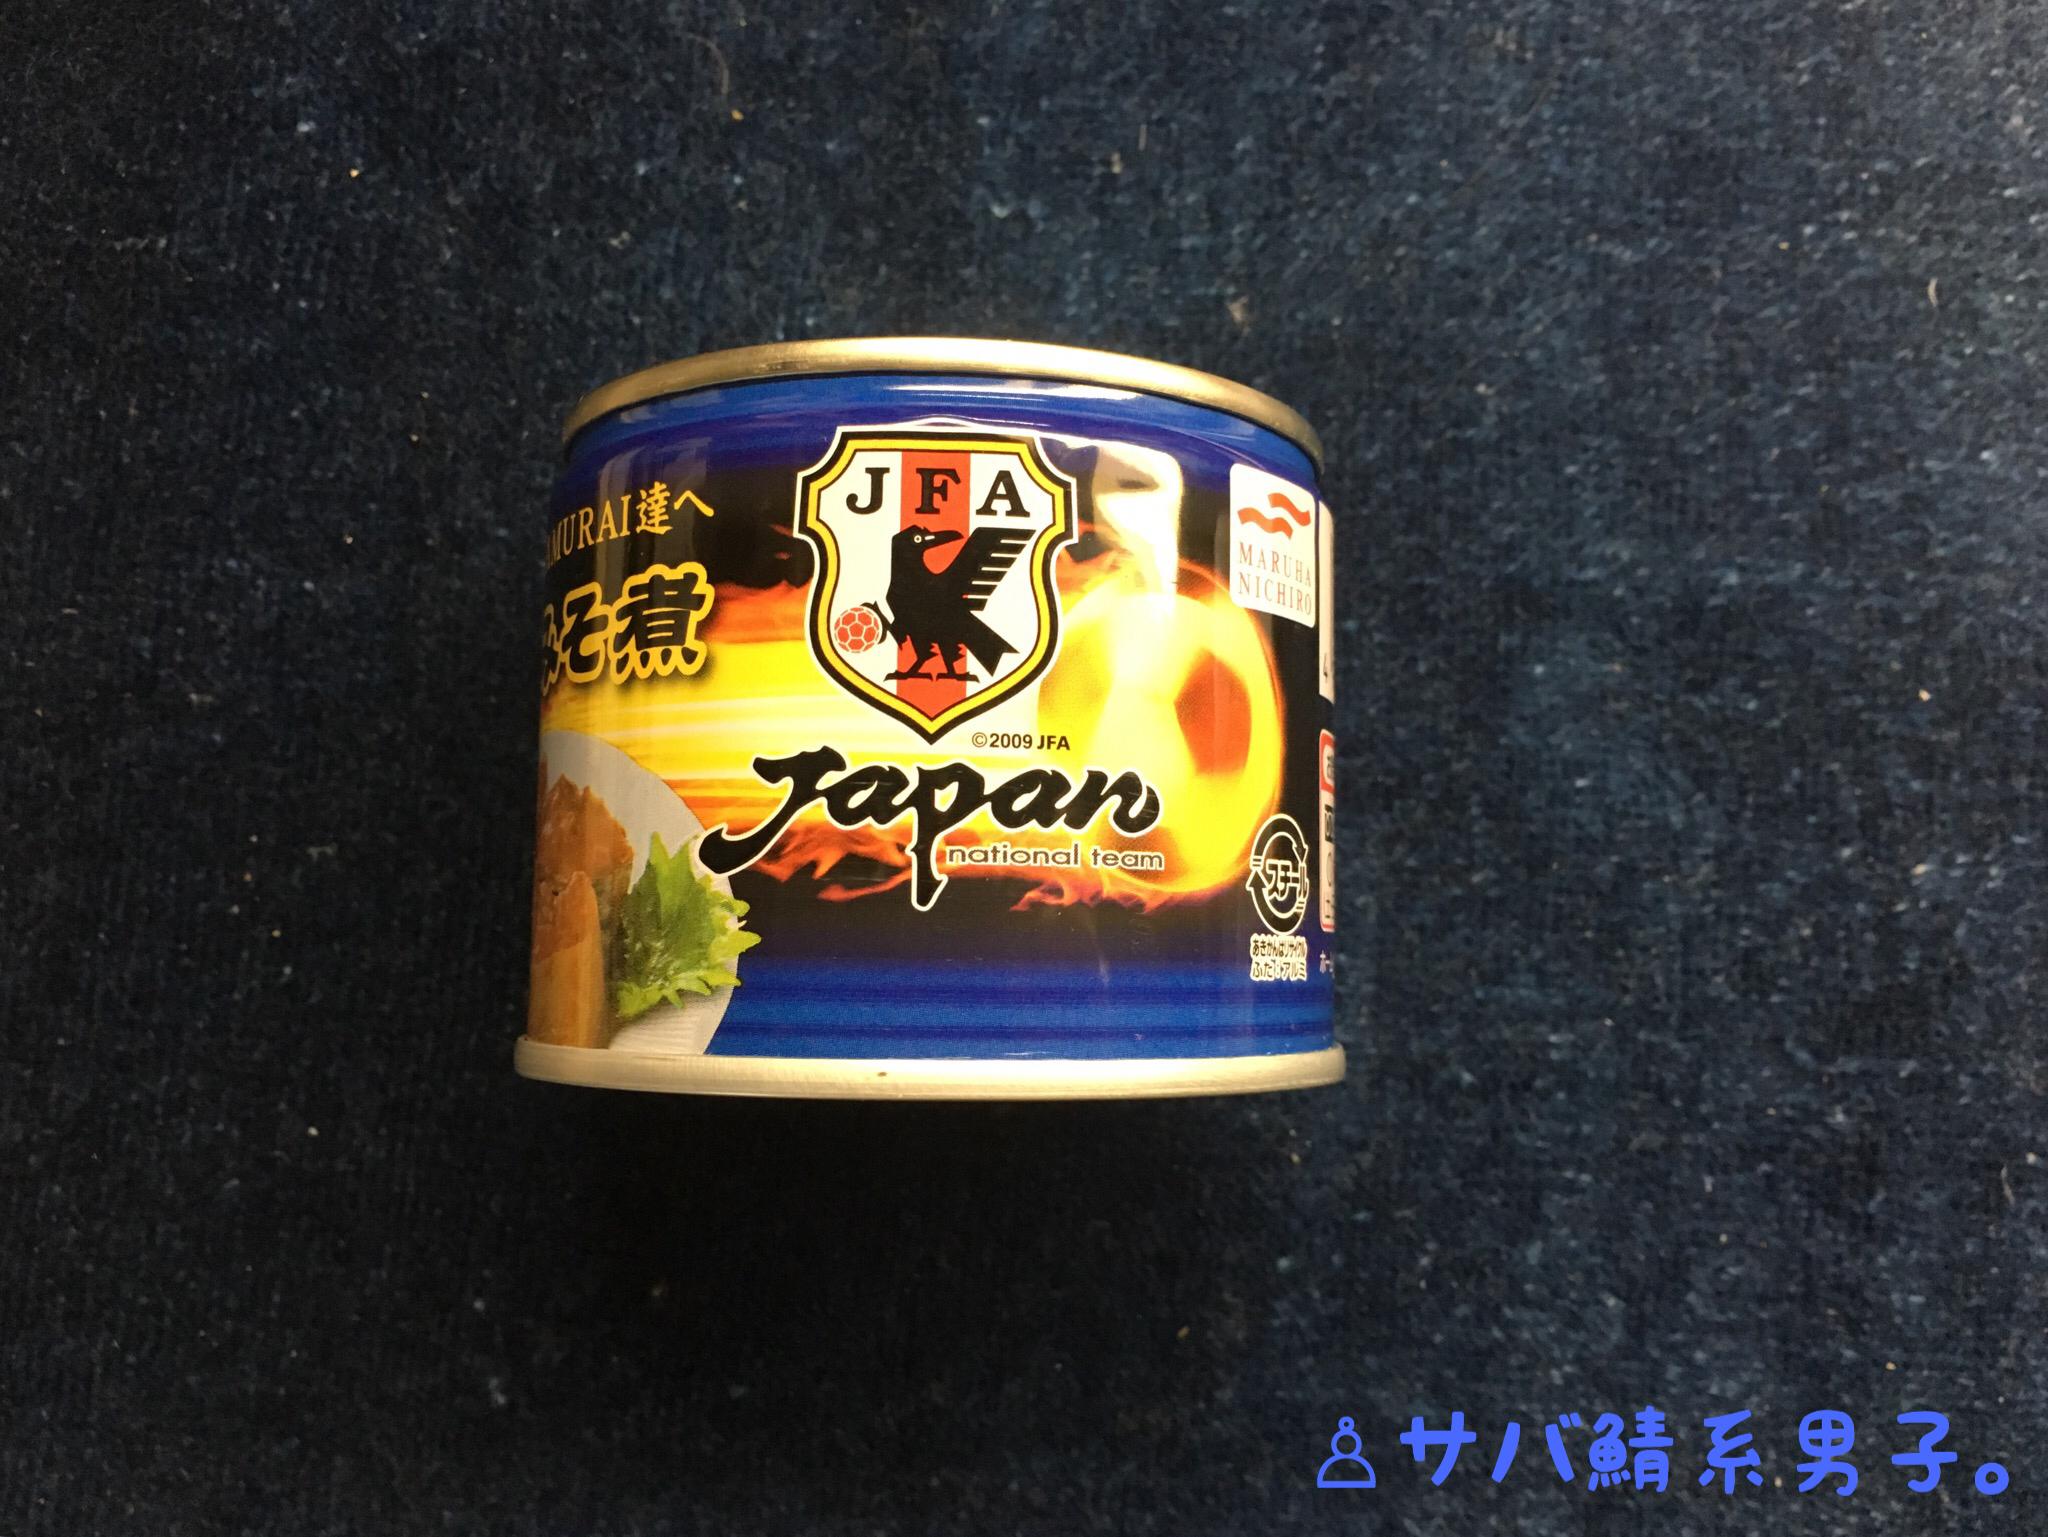 サッカー日本代表応援味噌煮缶!マルハニチロの鯖缶『さばみそ煮』を食レポしてみた。【5つ星評価、味】